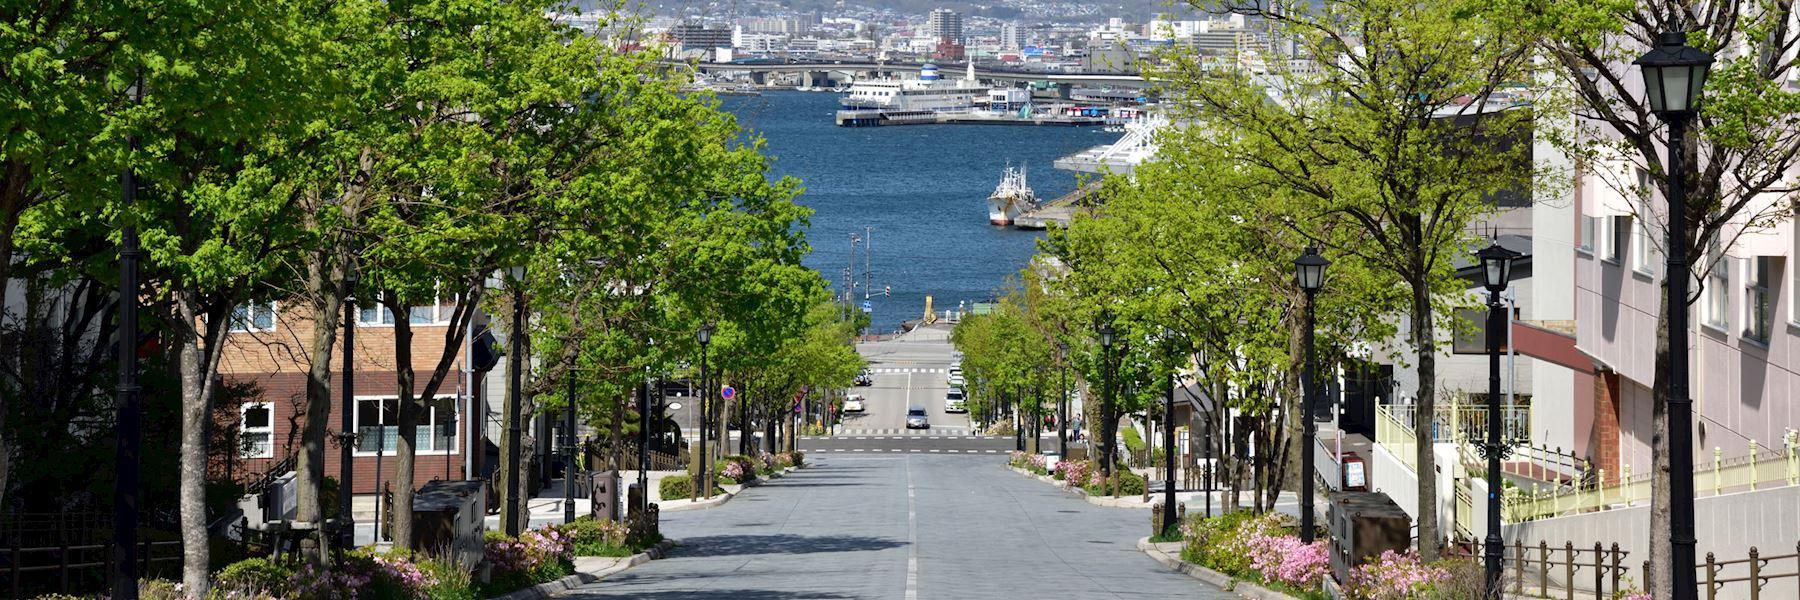 Visit Hakodate, Japan